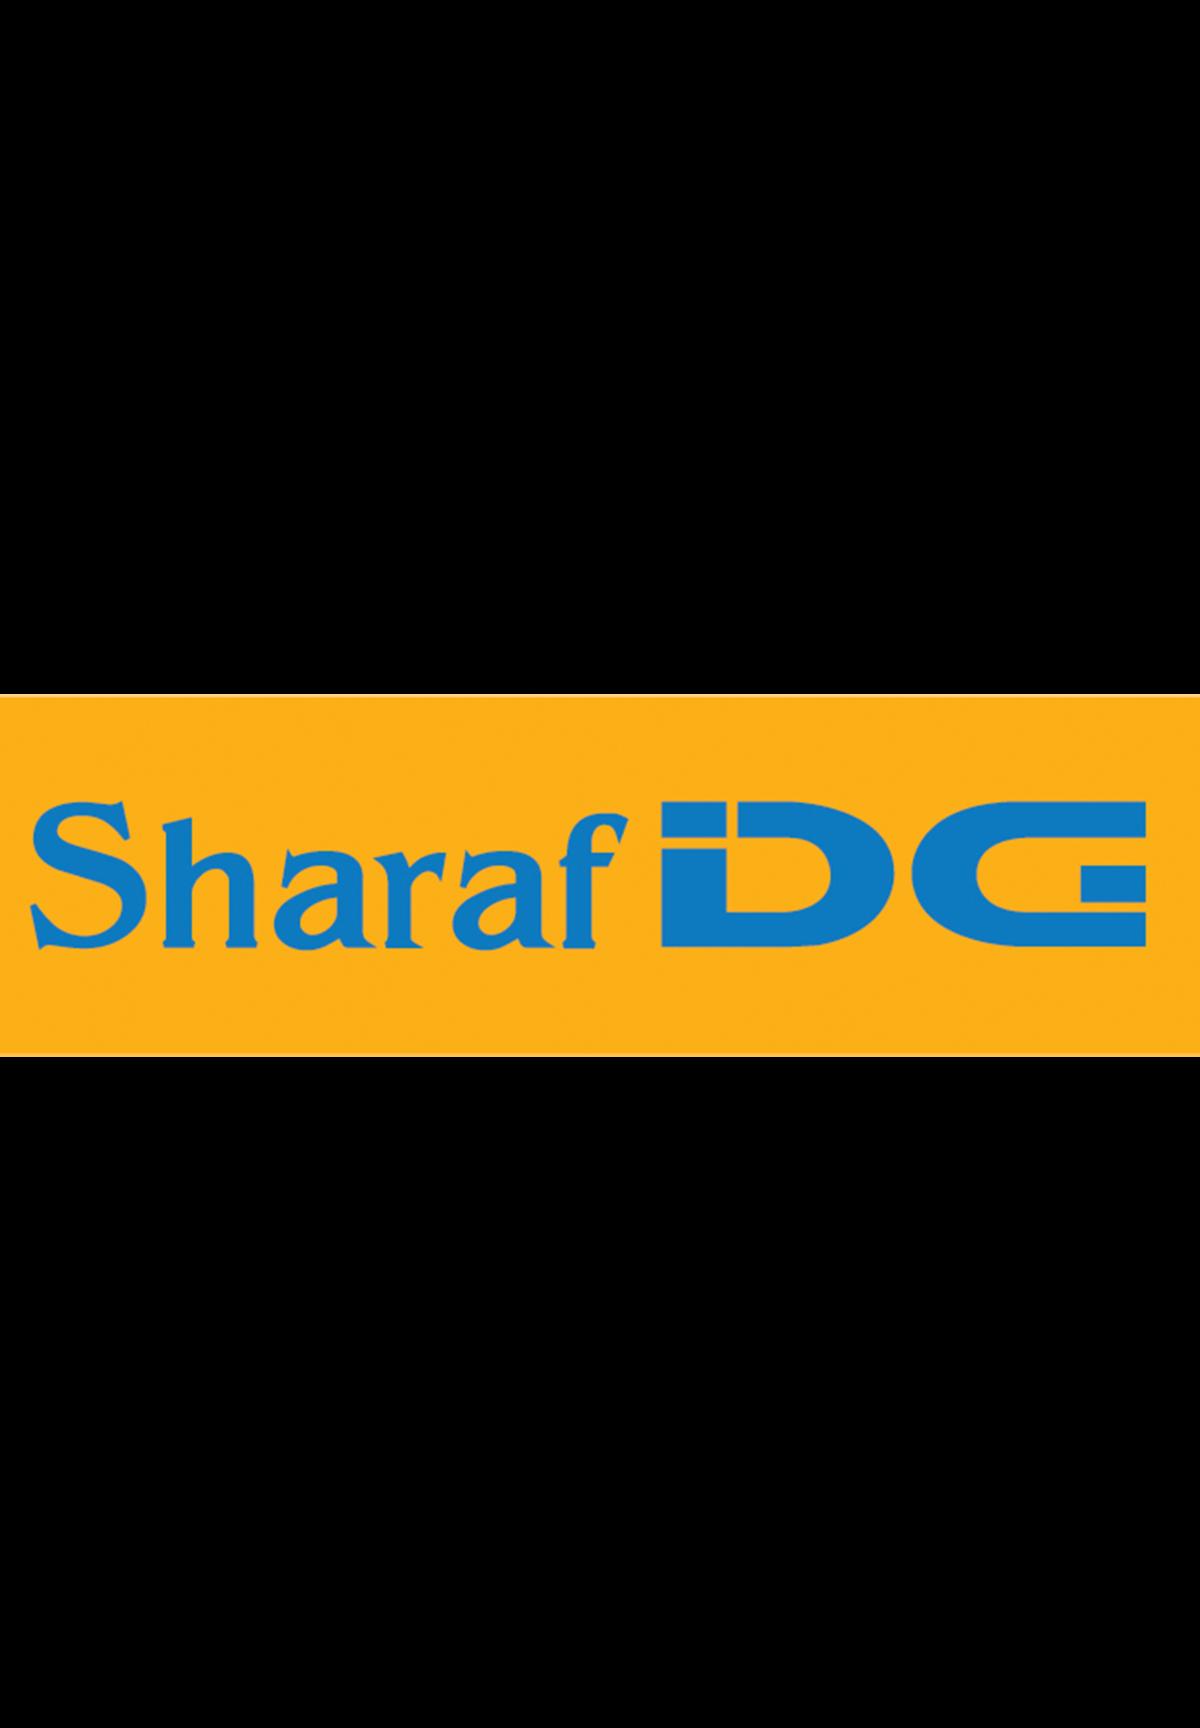 Actofit Sharaf DG